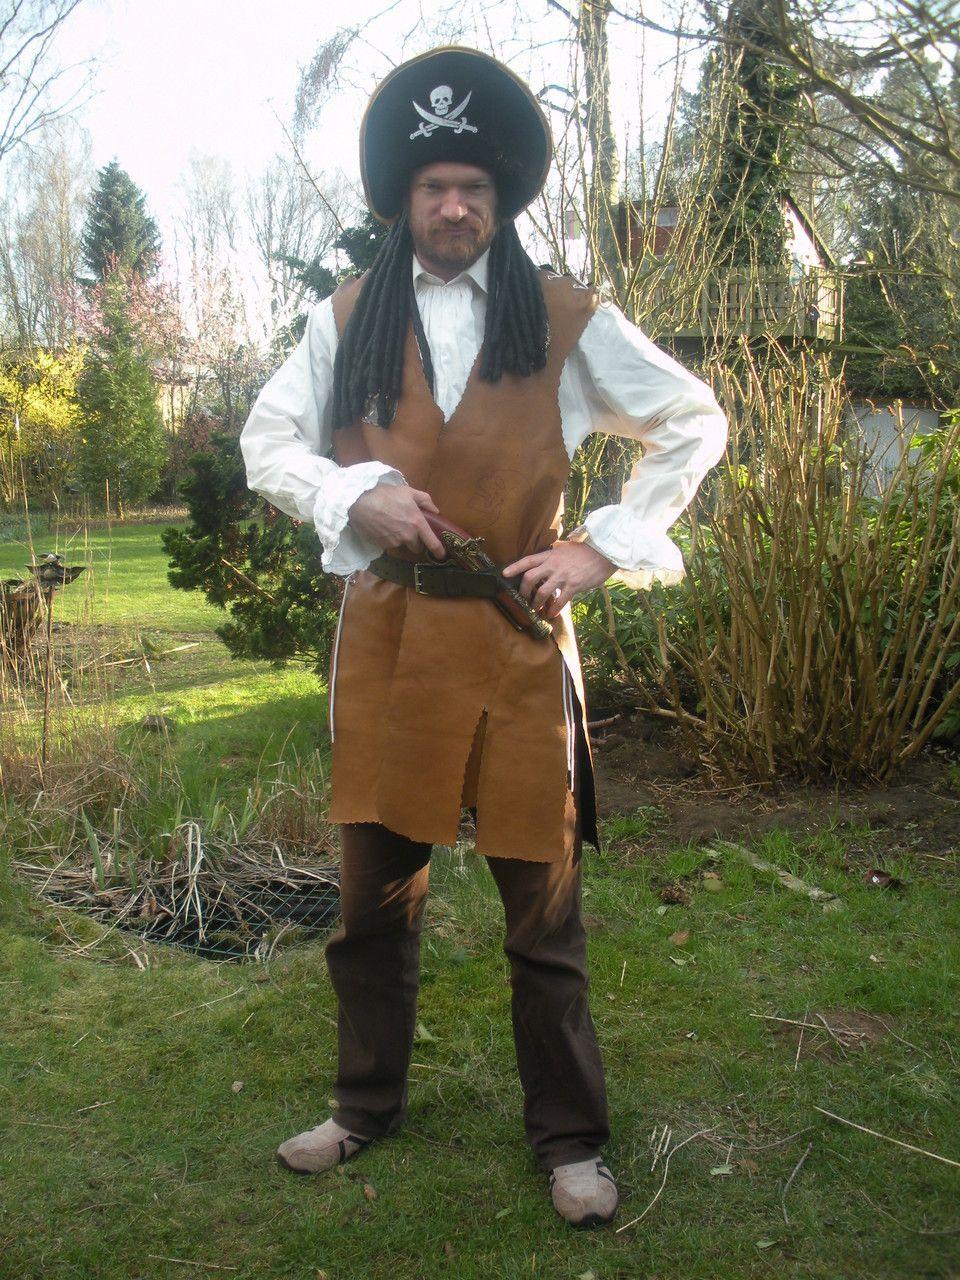 Piratenkostüm für die Piratenkiste